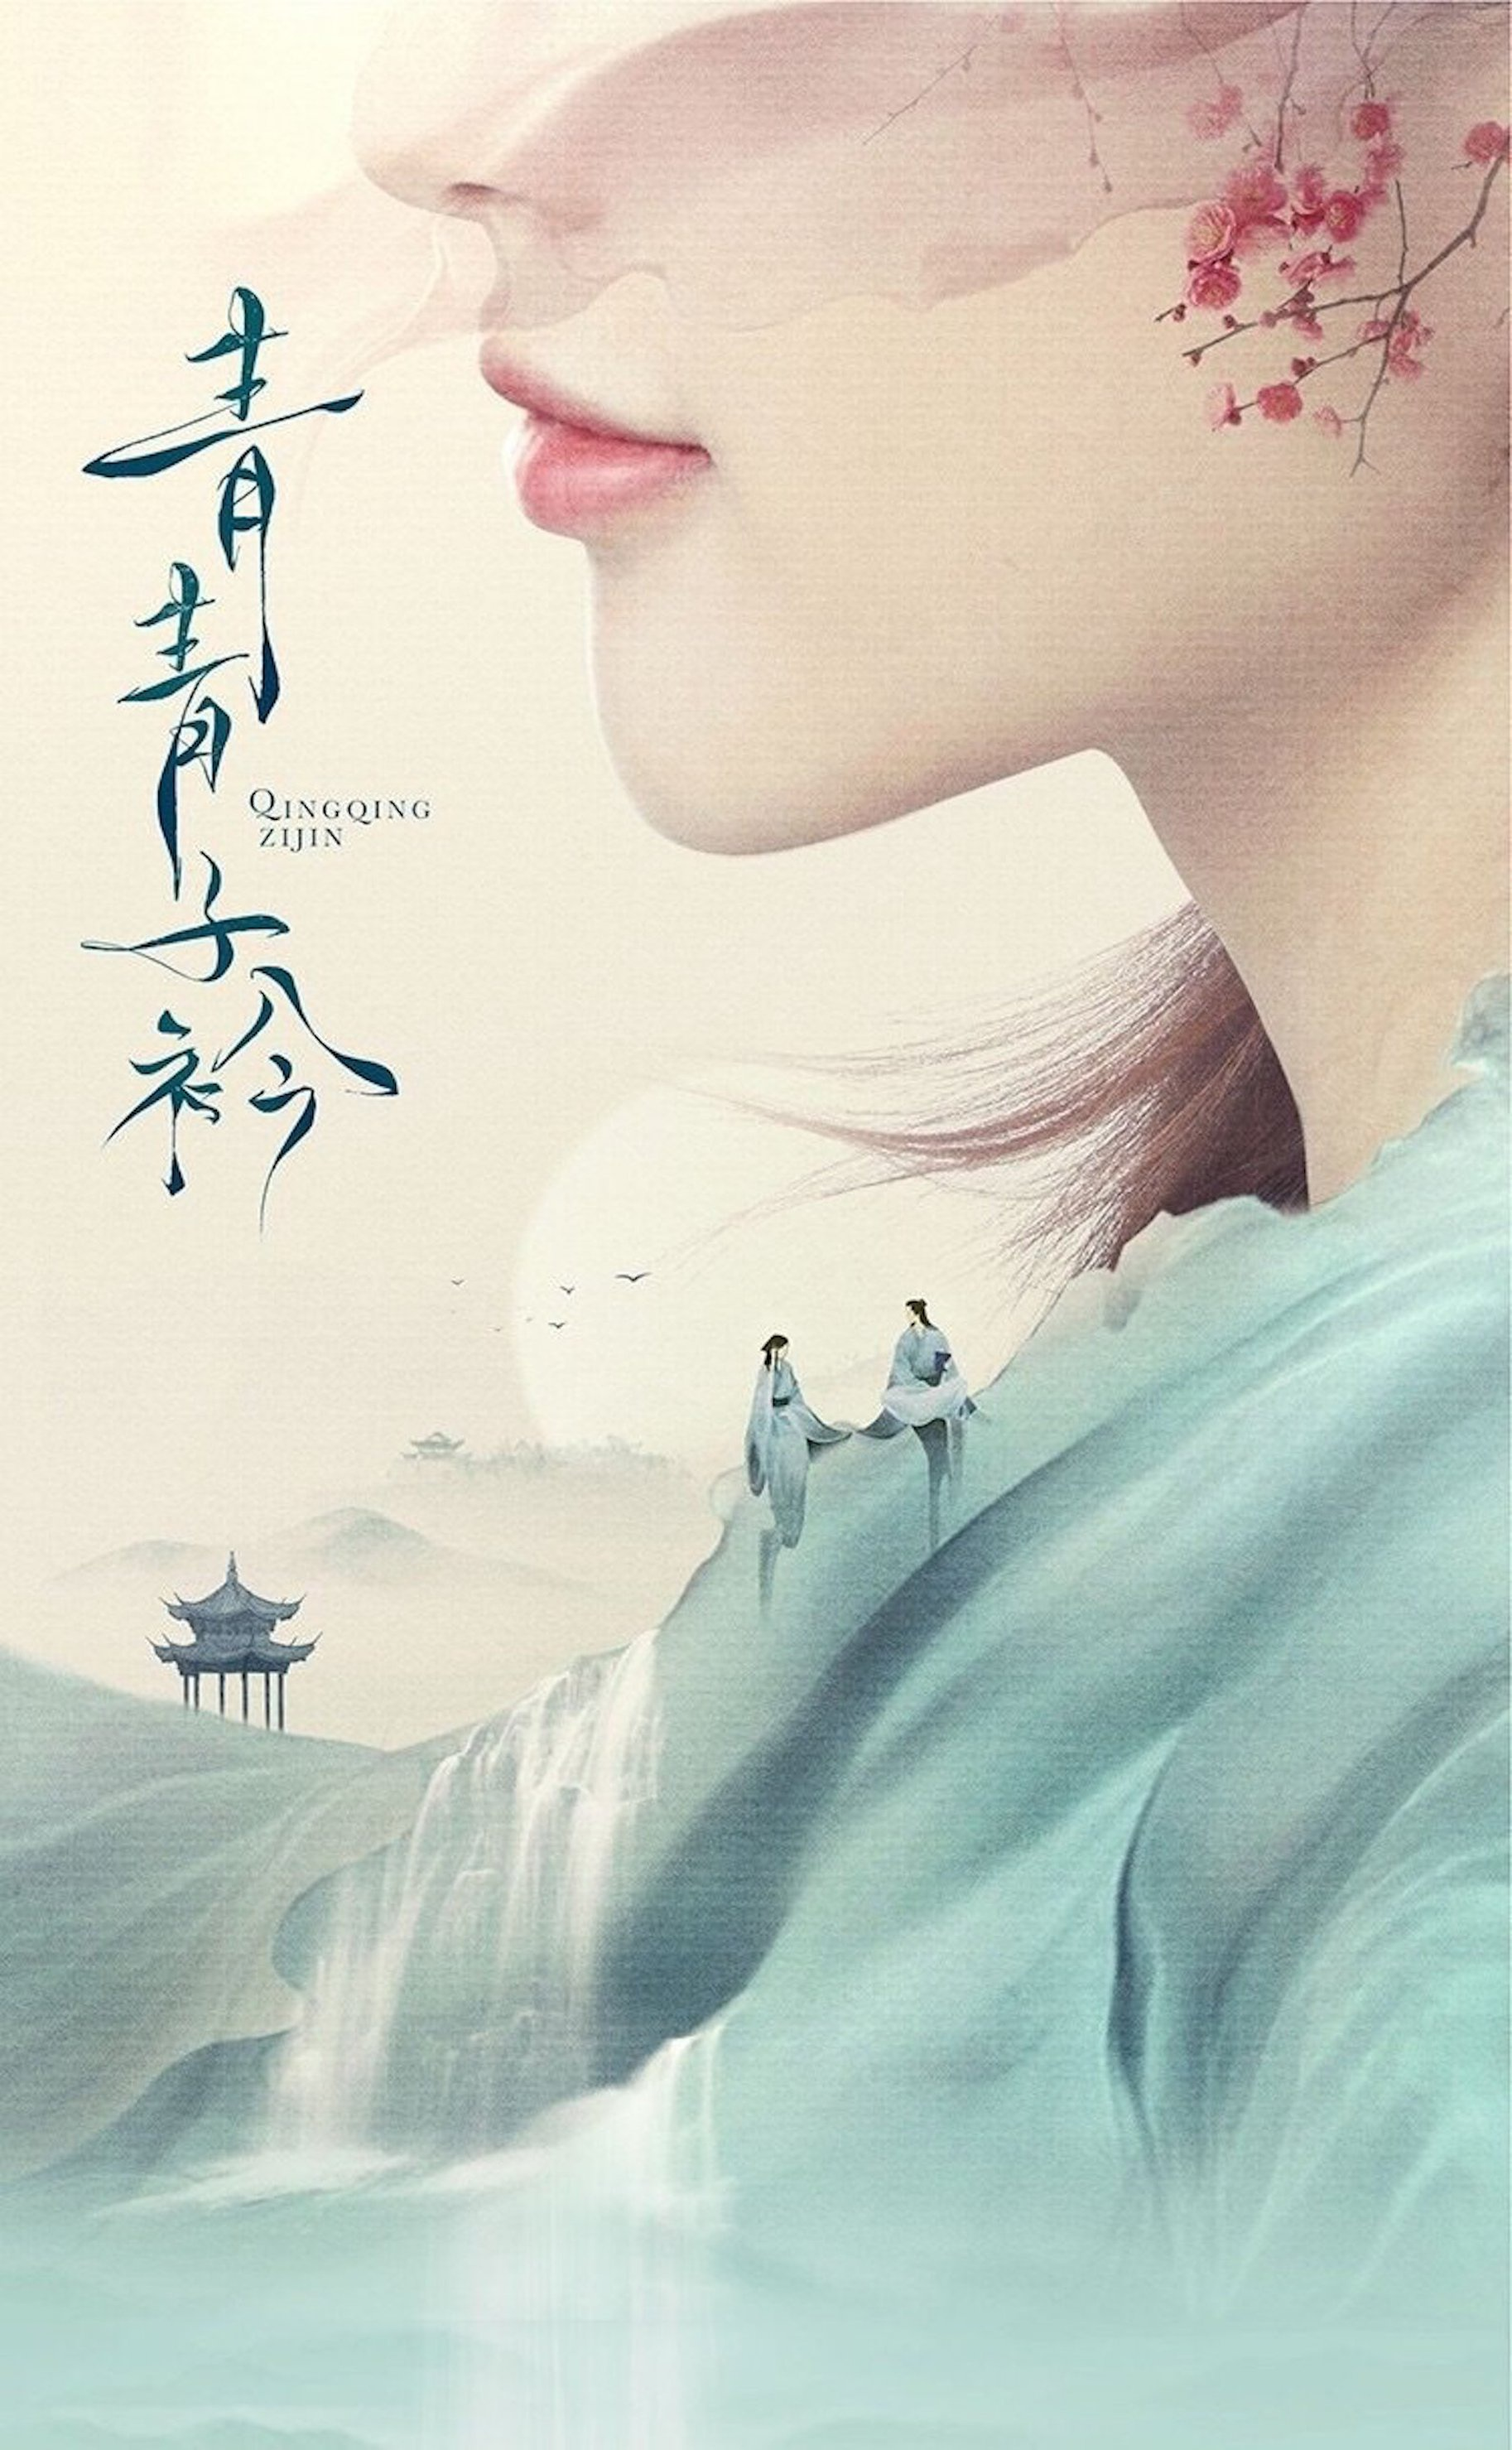 天艺NA Project刘亦城《青青子衿》开机 清新俊逸镌刻正向风貌